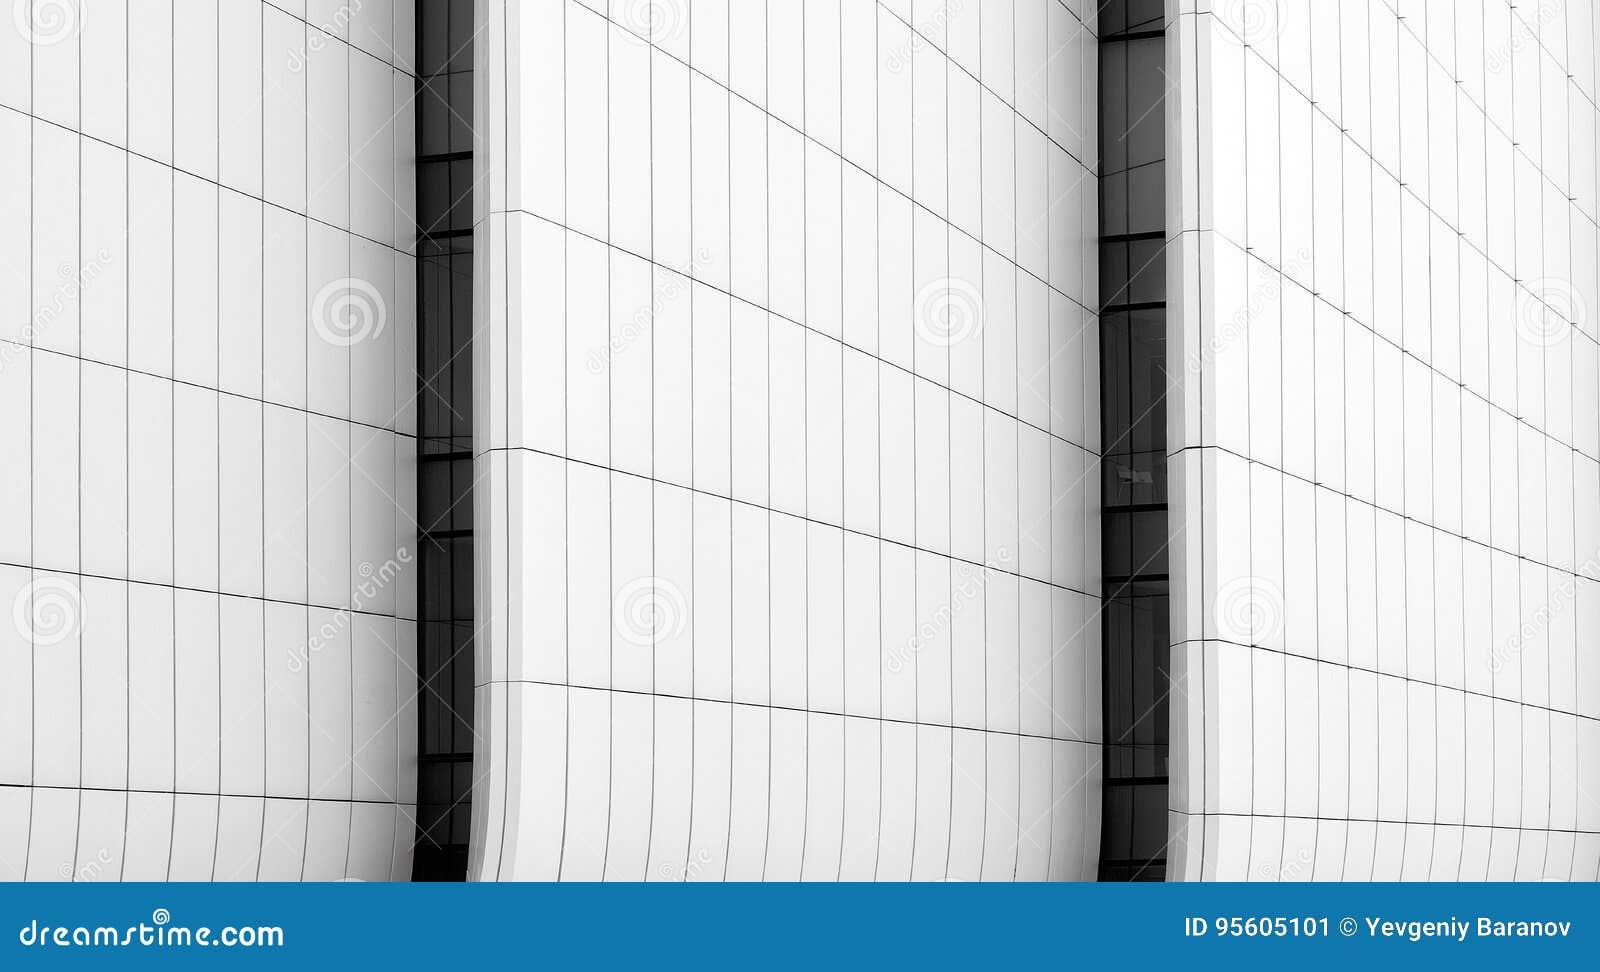 Bauplatten-Zusammenfassungslinien in der Architektur